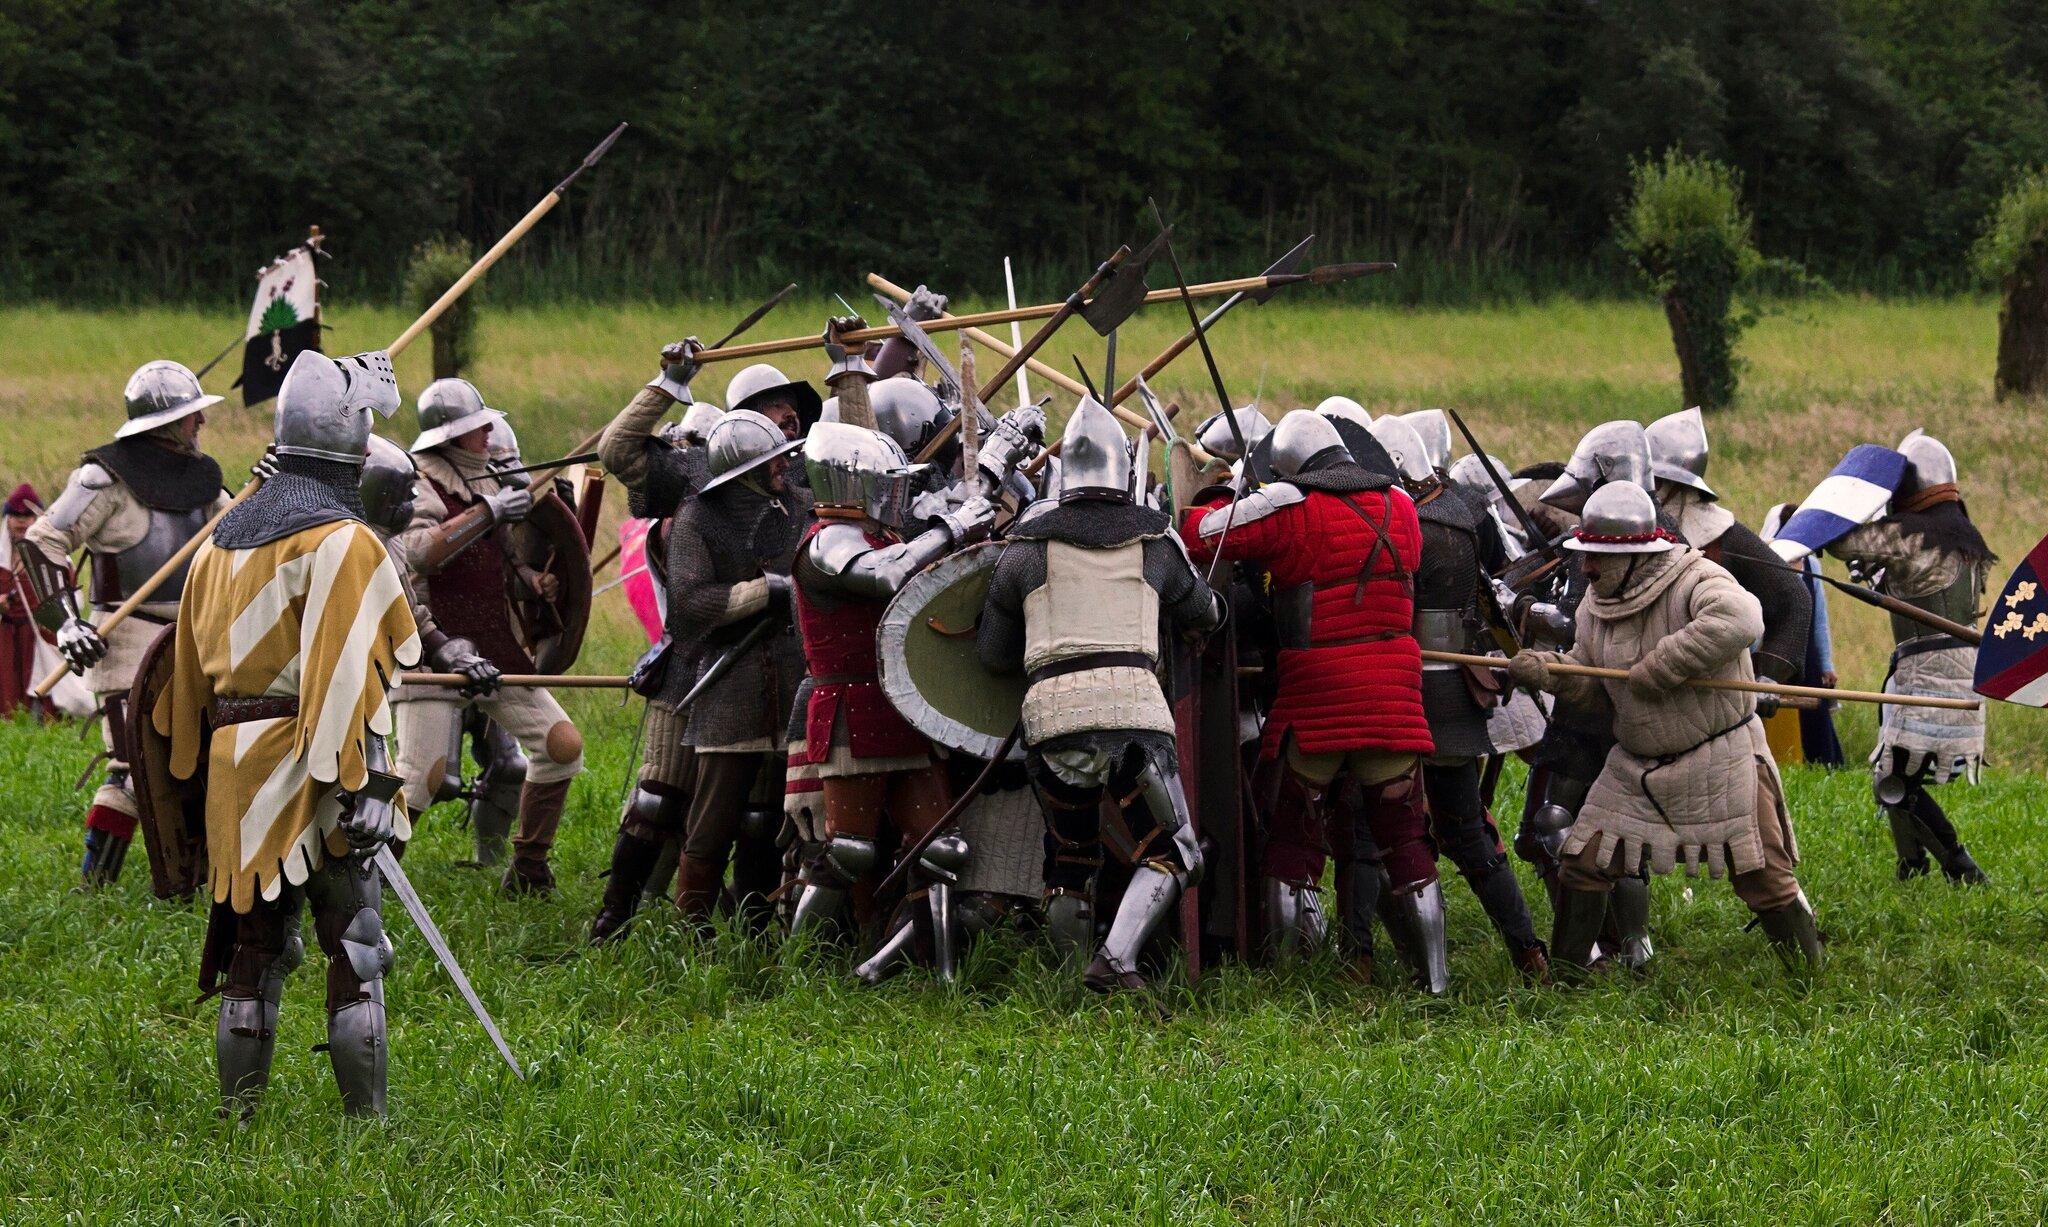 Rekonstrukcja walki średniowiecznych rycerzy Rekonstrukcja walki średniowiecznych rycerzy Źródło: Edoardo Forneris, fotografia barwna, licencja: CC BY-NC 2.0.